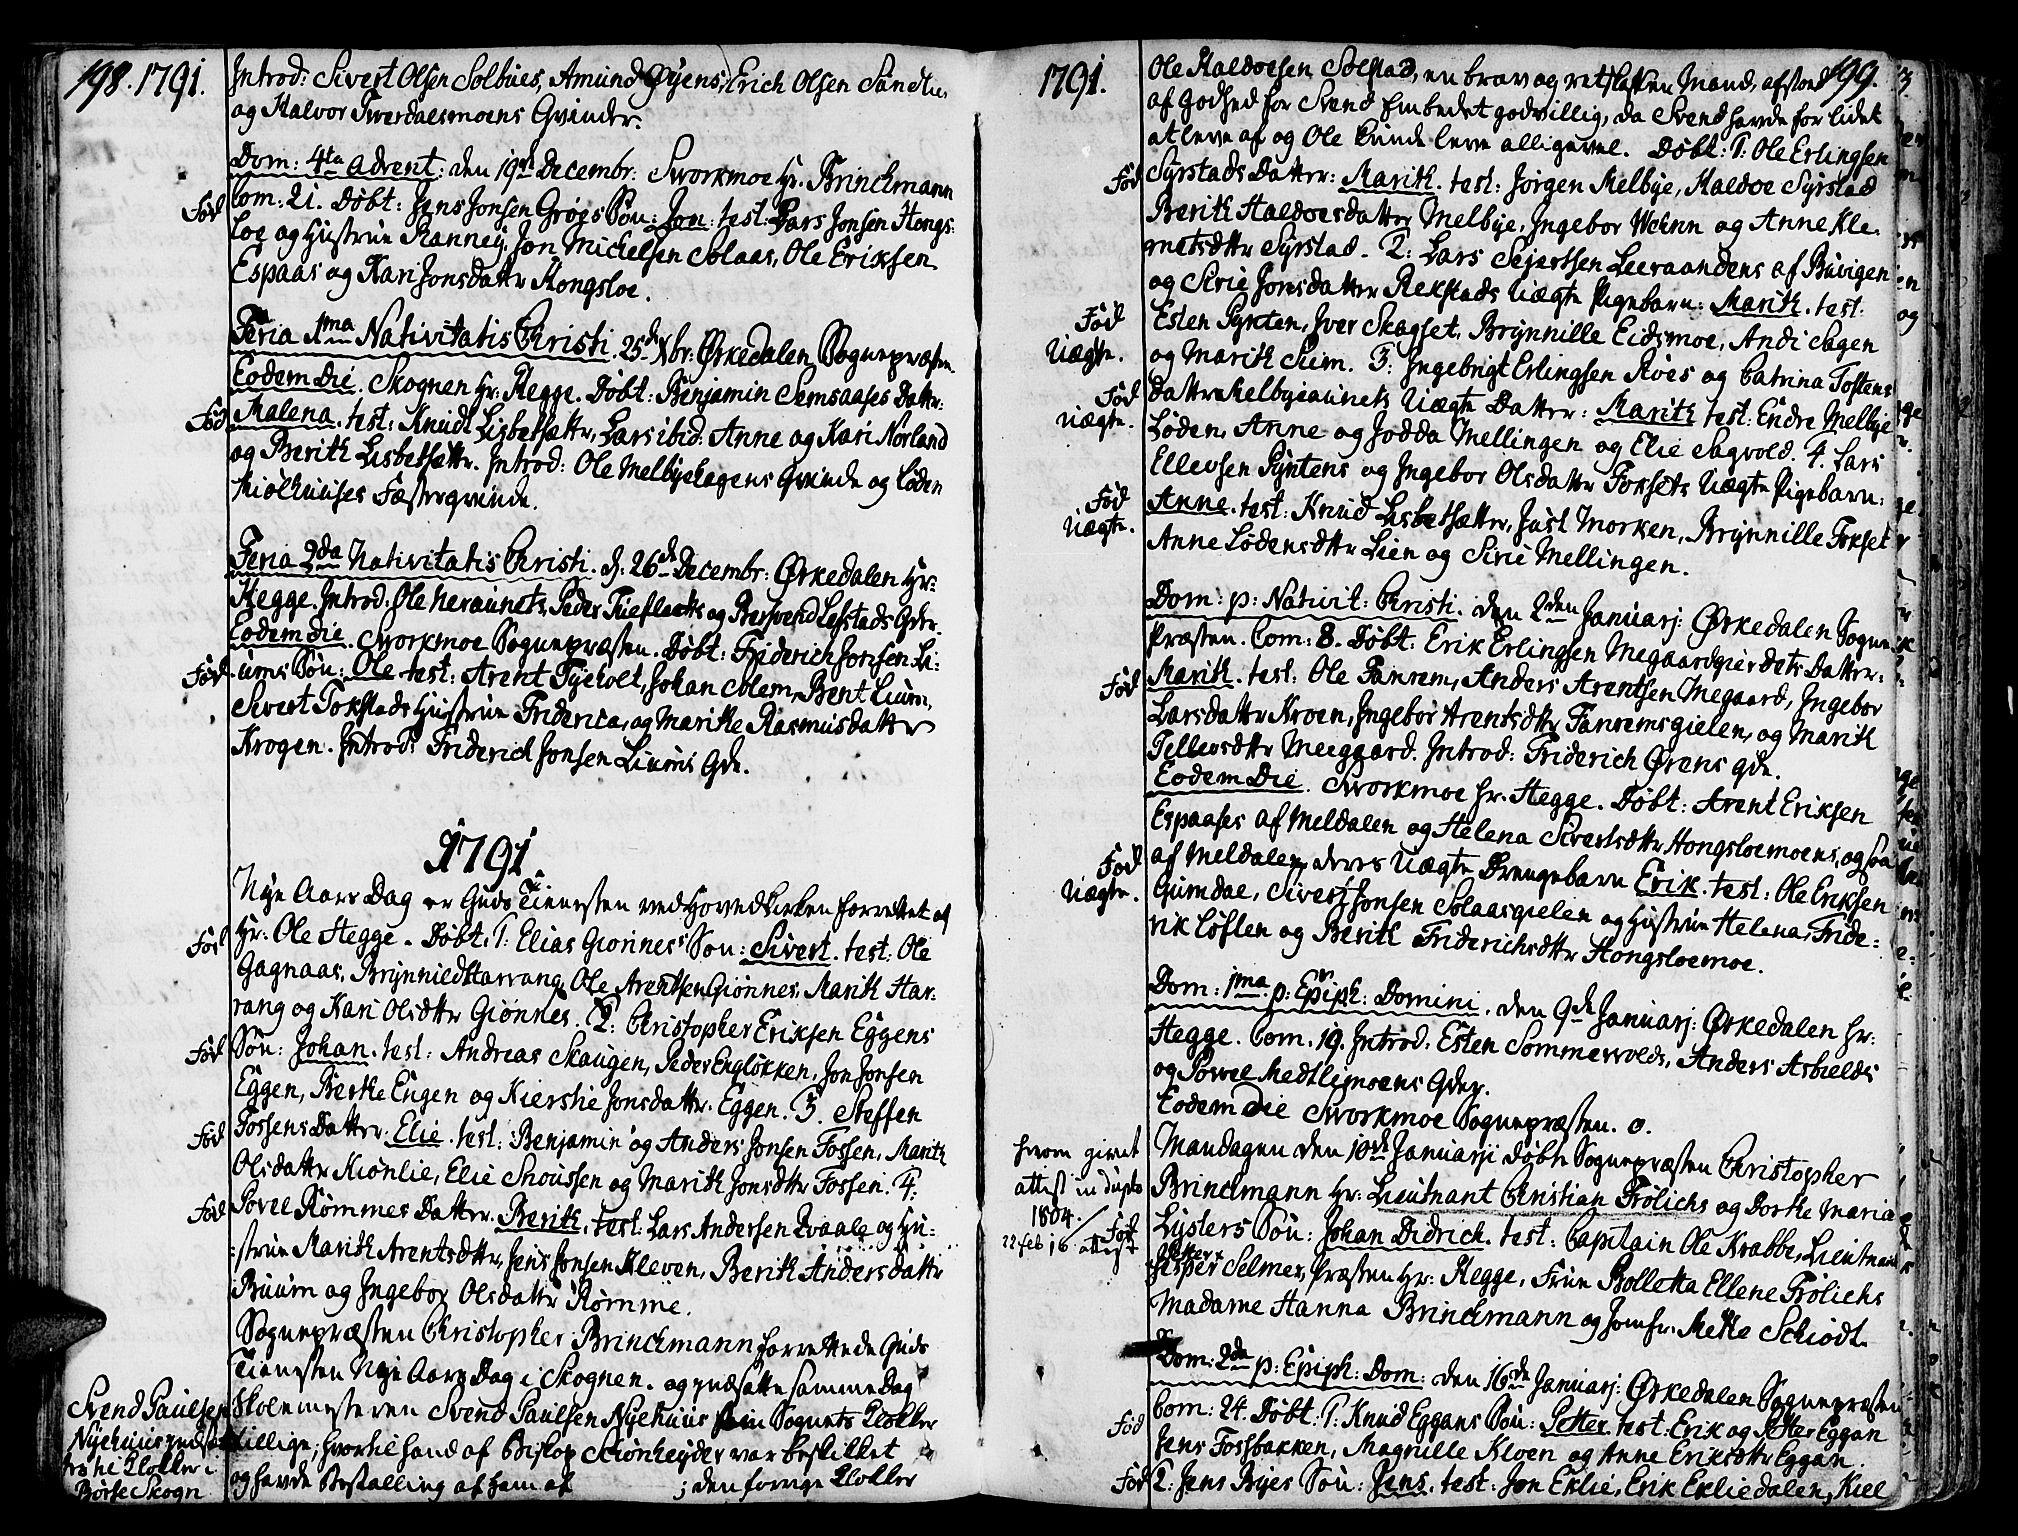 SAT, Ministerialprotokoller, klokkerbøker og fødselsregistre - Sør-Trøndelag, 668/L0802: Ministerialbok nr. 668A02, 1776-1799, s. 198-199